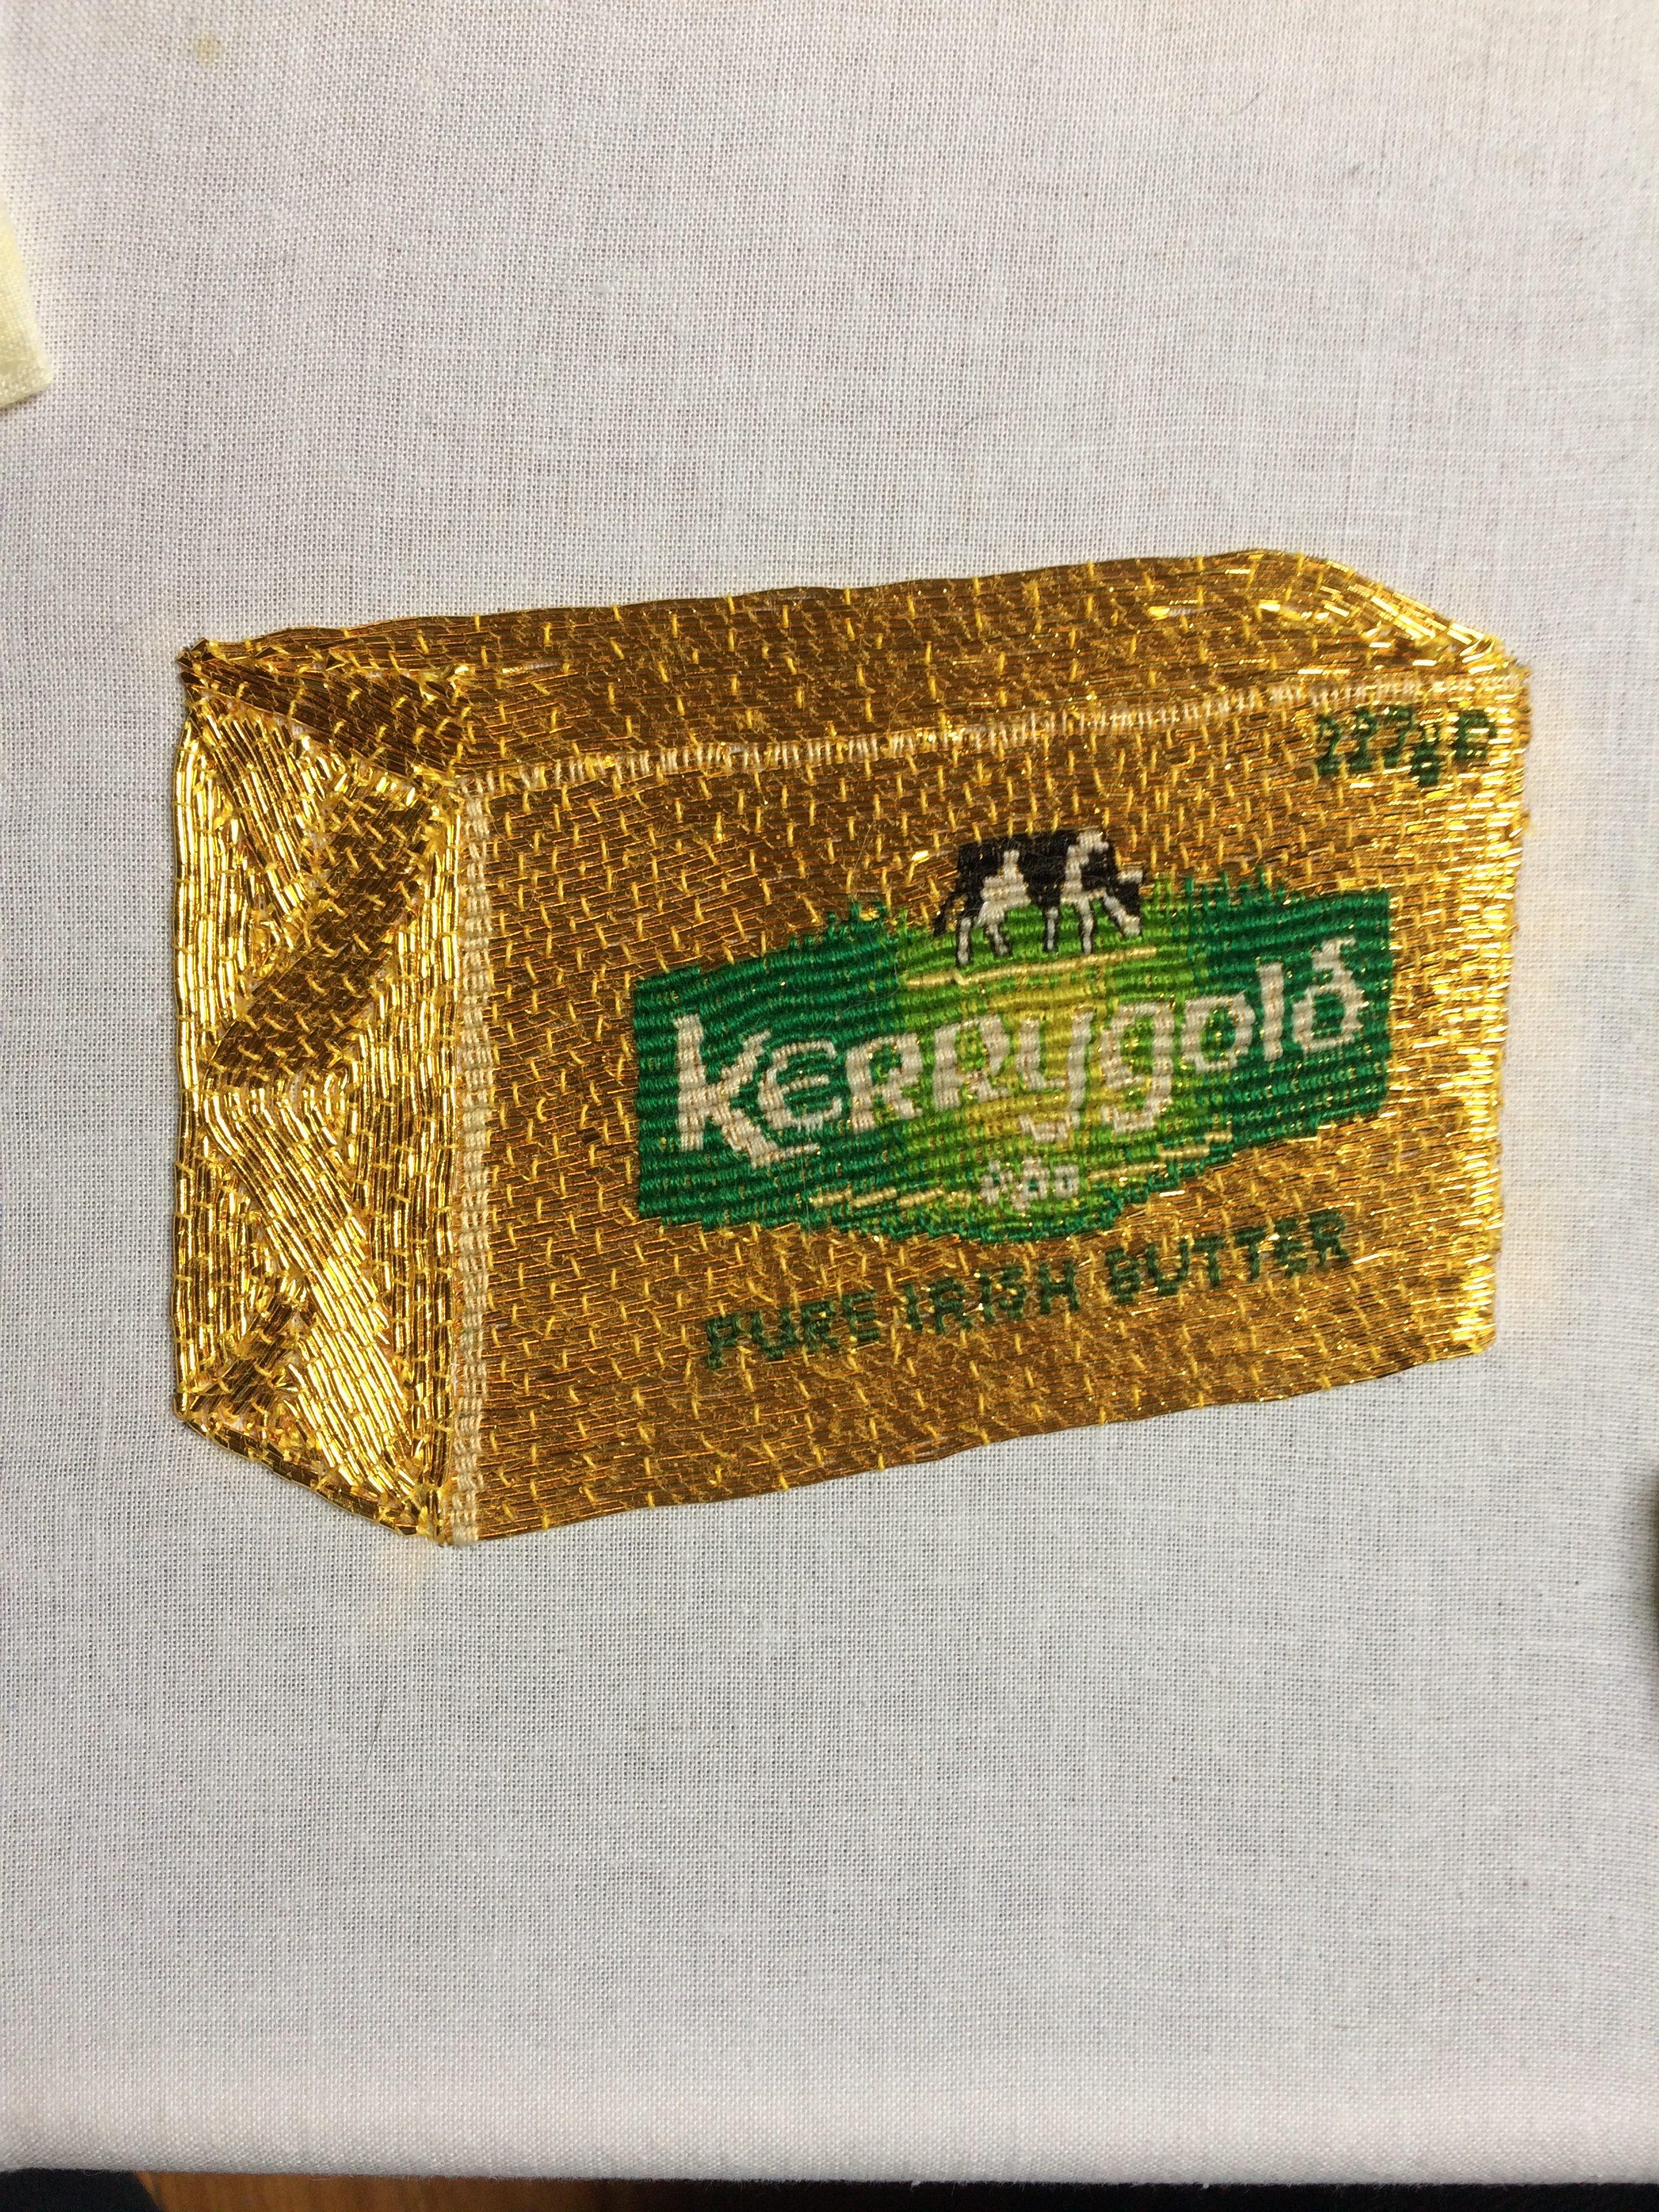 Sorcha O' Raw Kerrygold